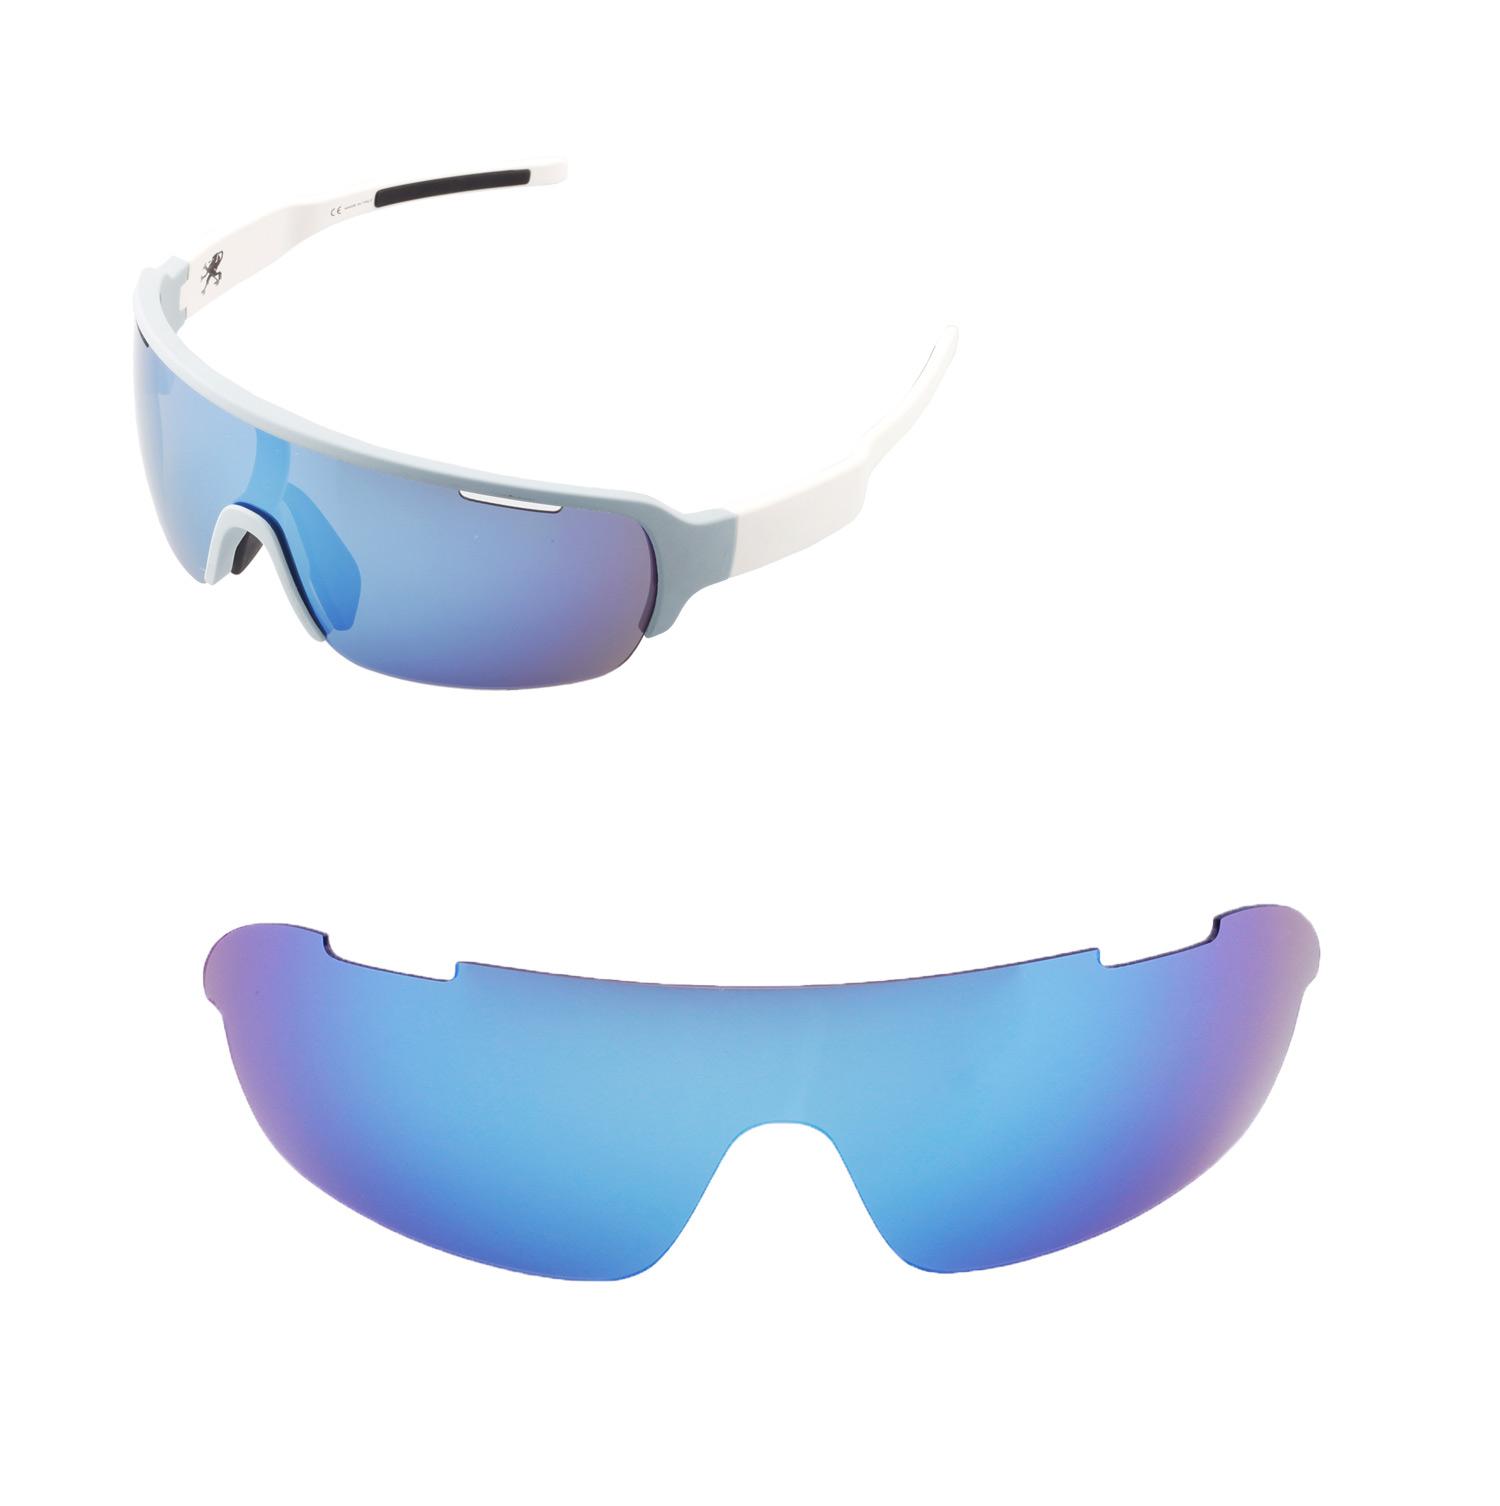 0c6e05de03 Details about Walleva Polarized Ice Blue Replacement Lenses For POC Half  Blade Sunglasses